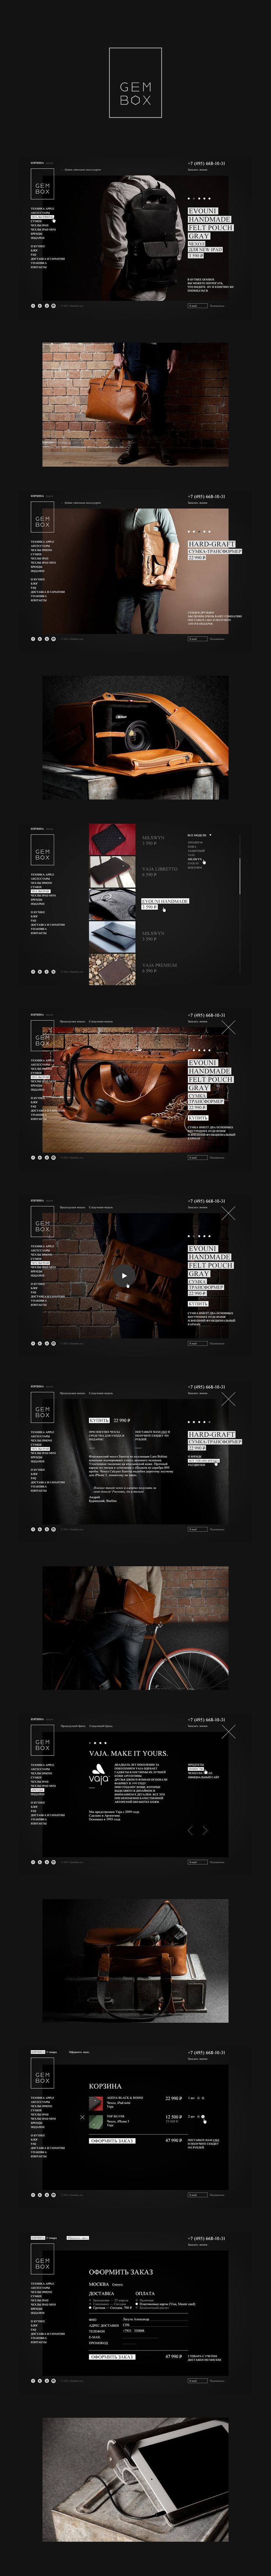 #webdesign #web #design #layout #userinterface #website < repinned by Alexander Kaiser | visit www.kaiser-alexander.de